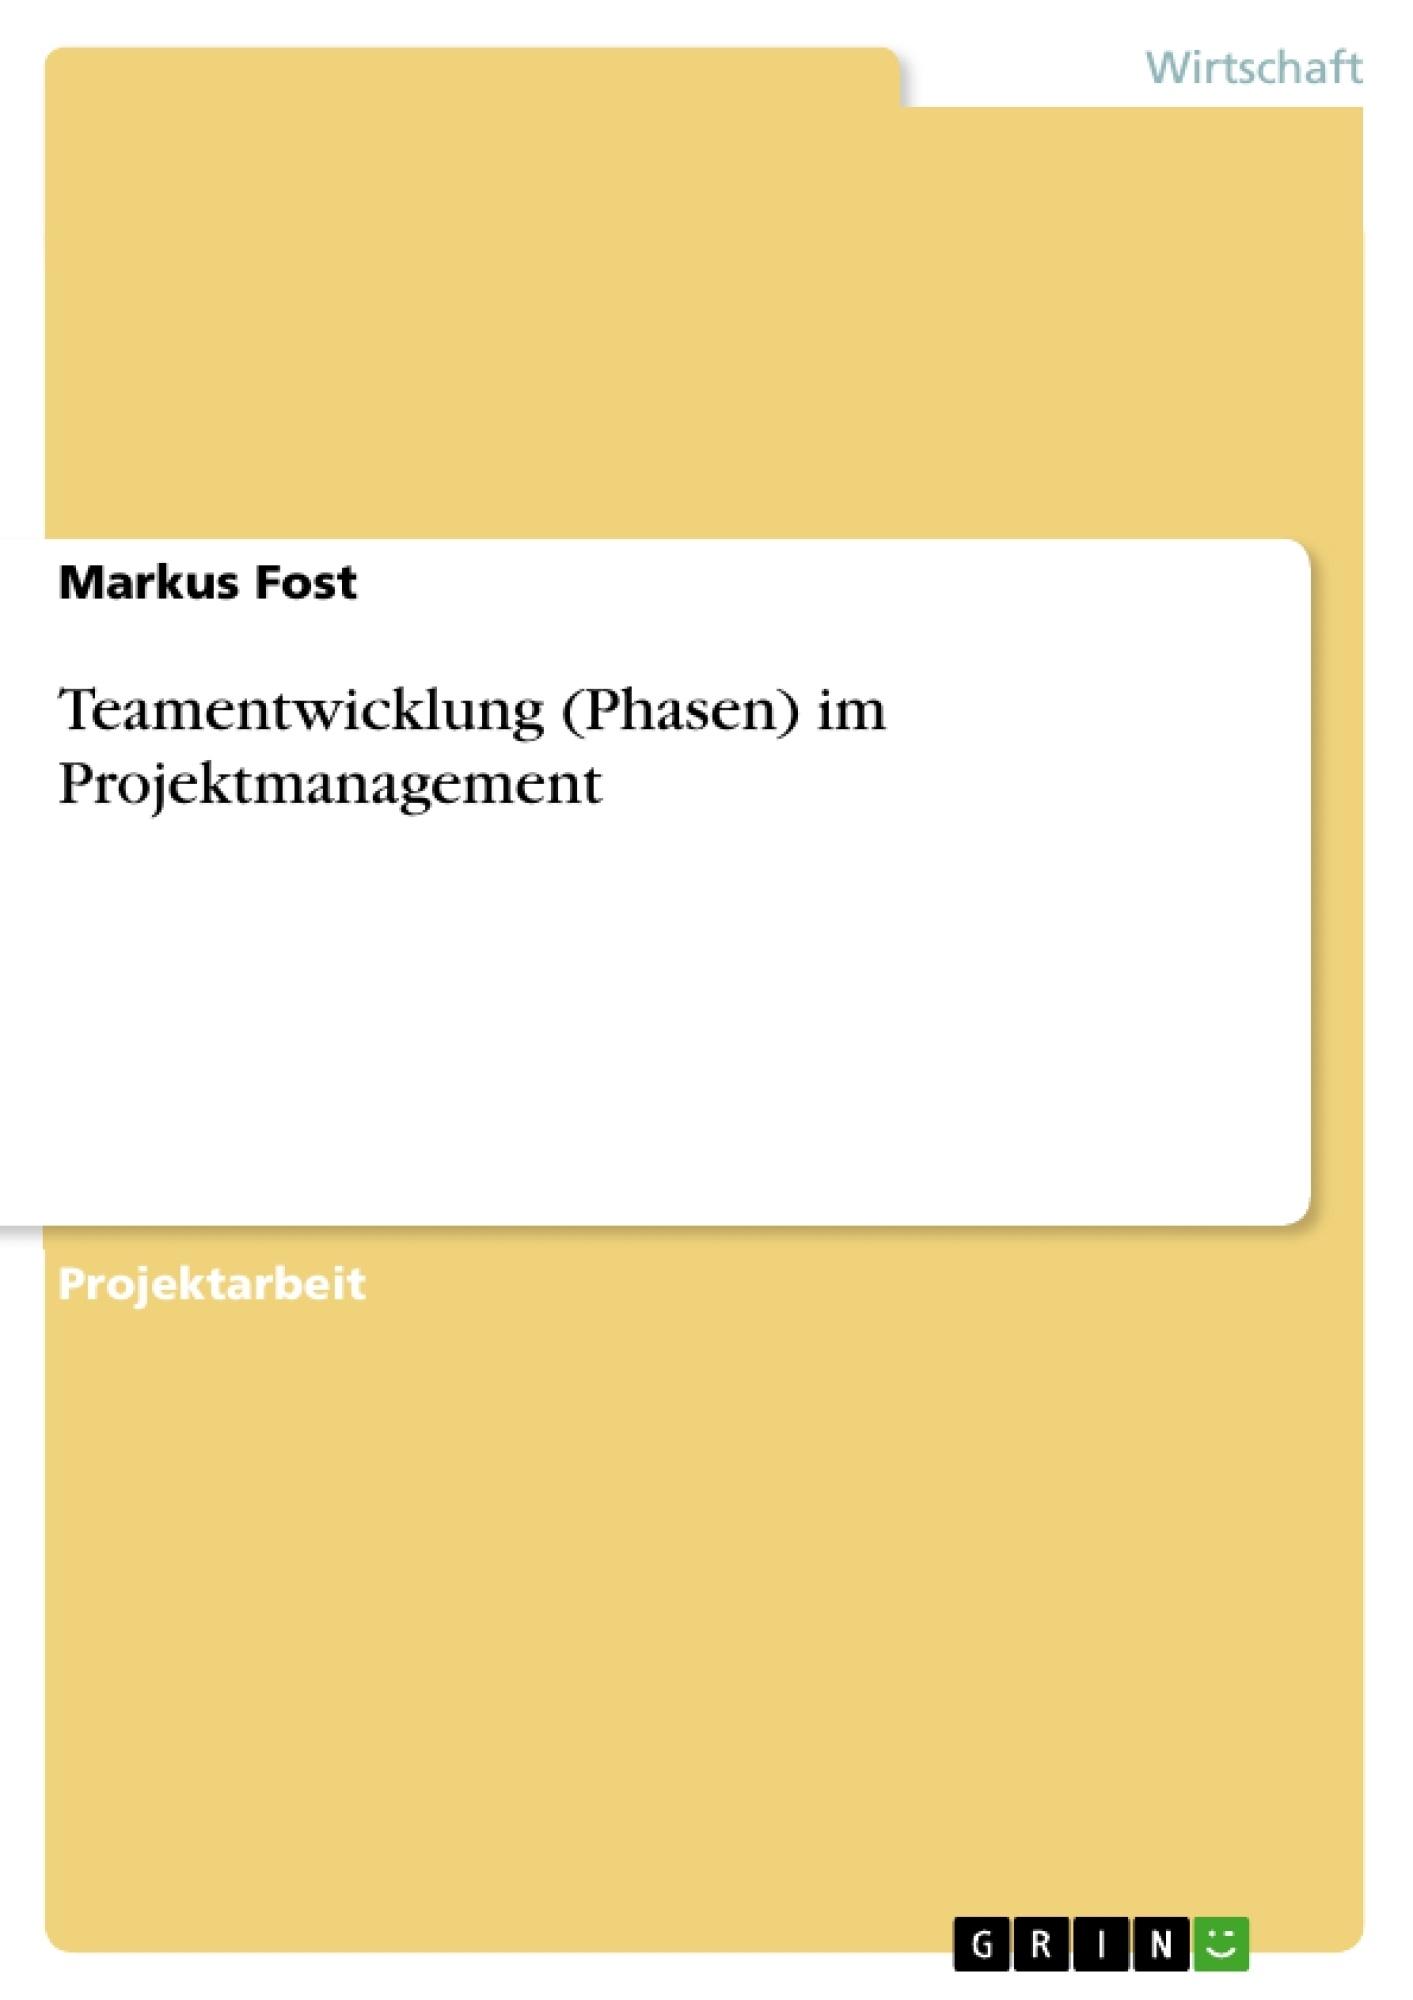 Titel: Teamentwicklung (Phasen) im Projektmanagement